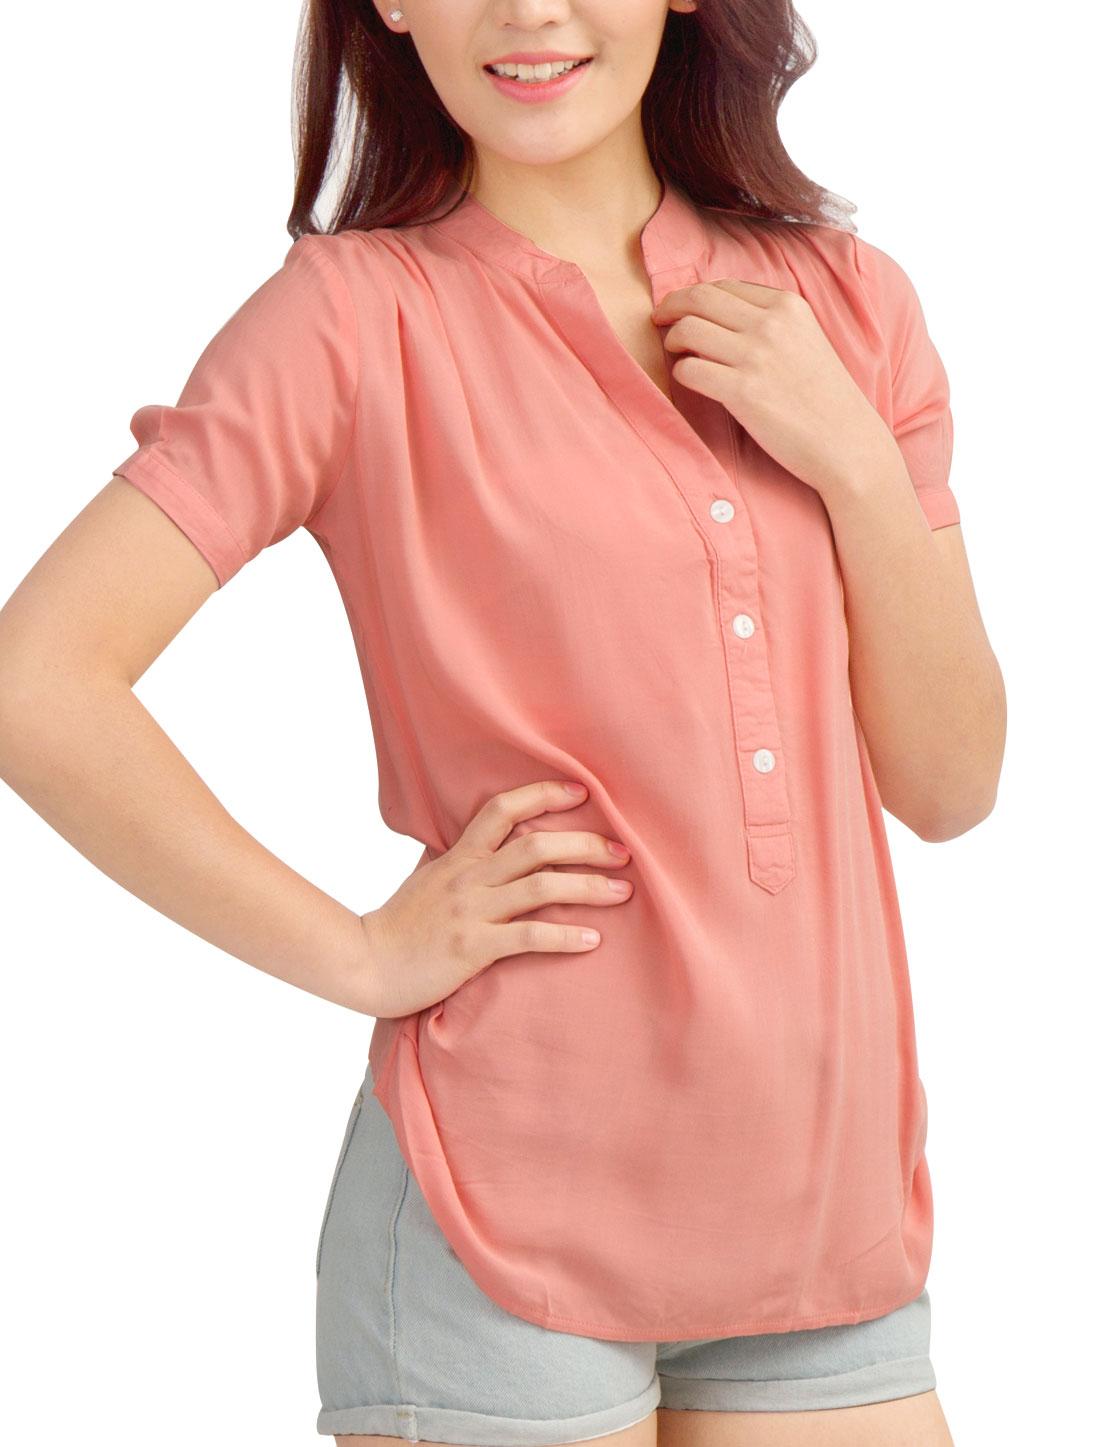 Women Low High Hem Buttons Cuffs Stylish Top Shirt Pink XL